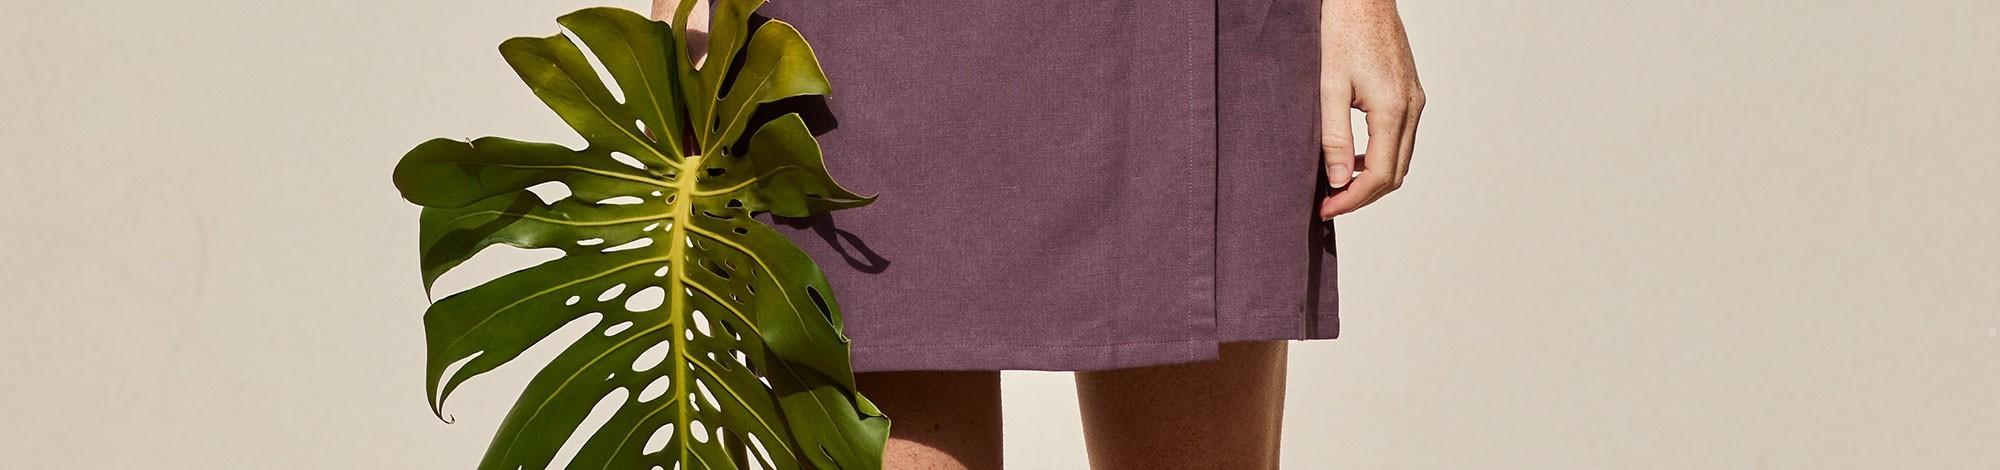 Faldas de algodón organico de comercio justo certificado.